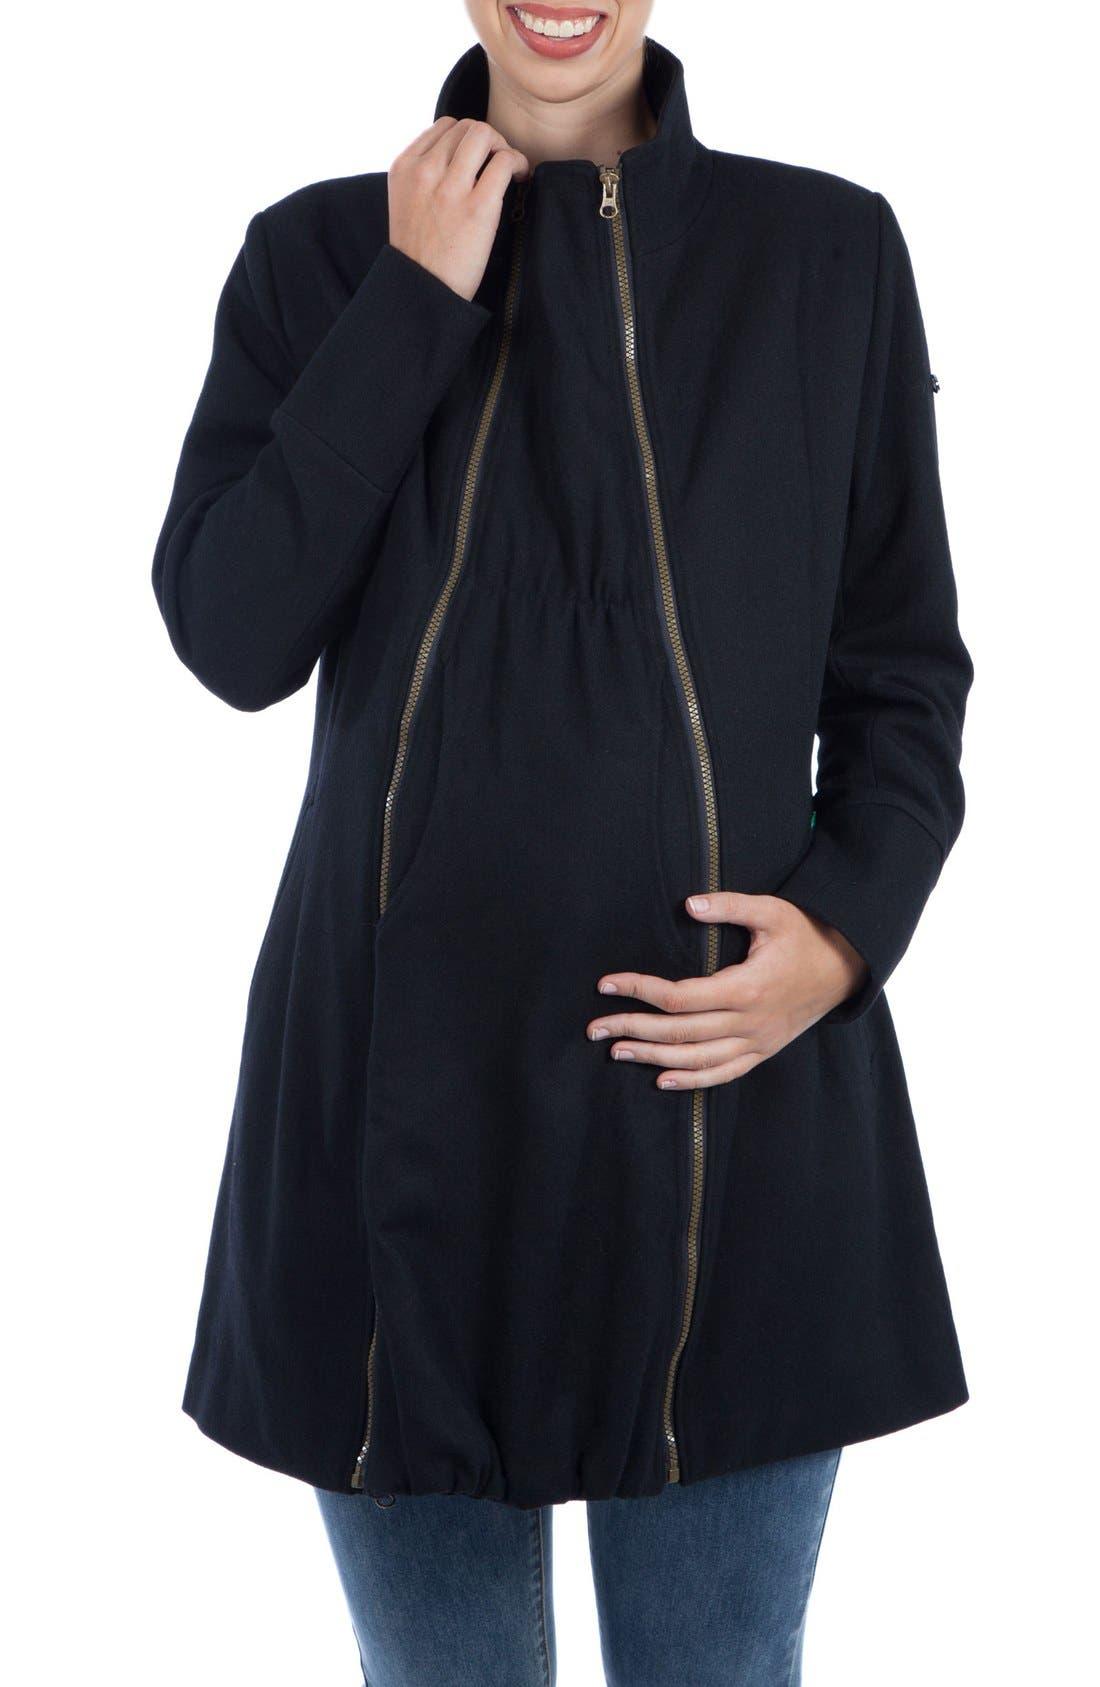 Convertible 3-in-1 Maternity/Nursing Coat,                         Main,                         color, BLACK